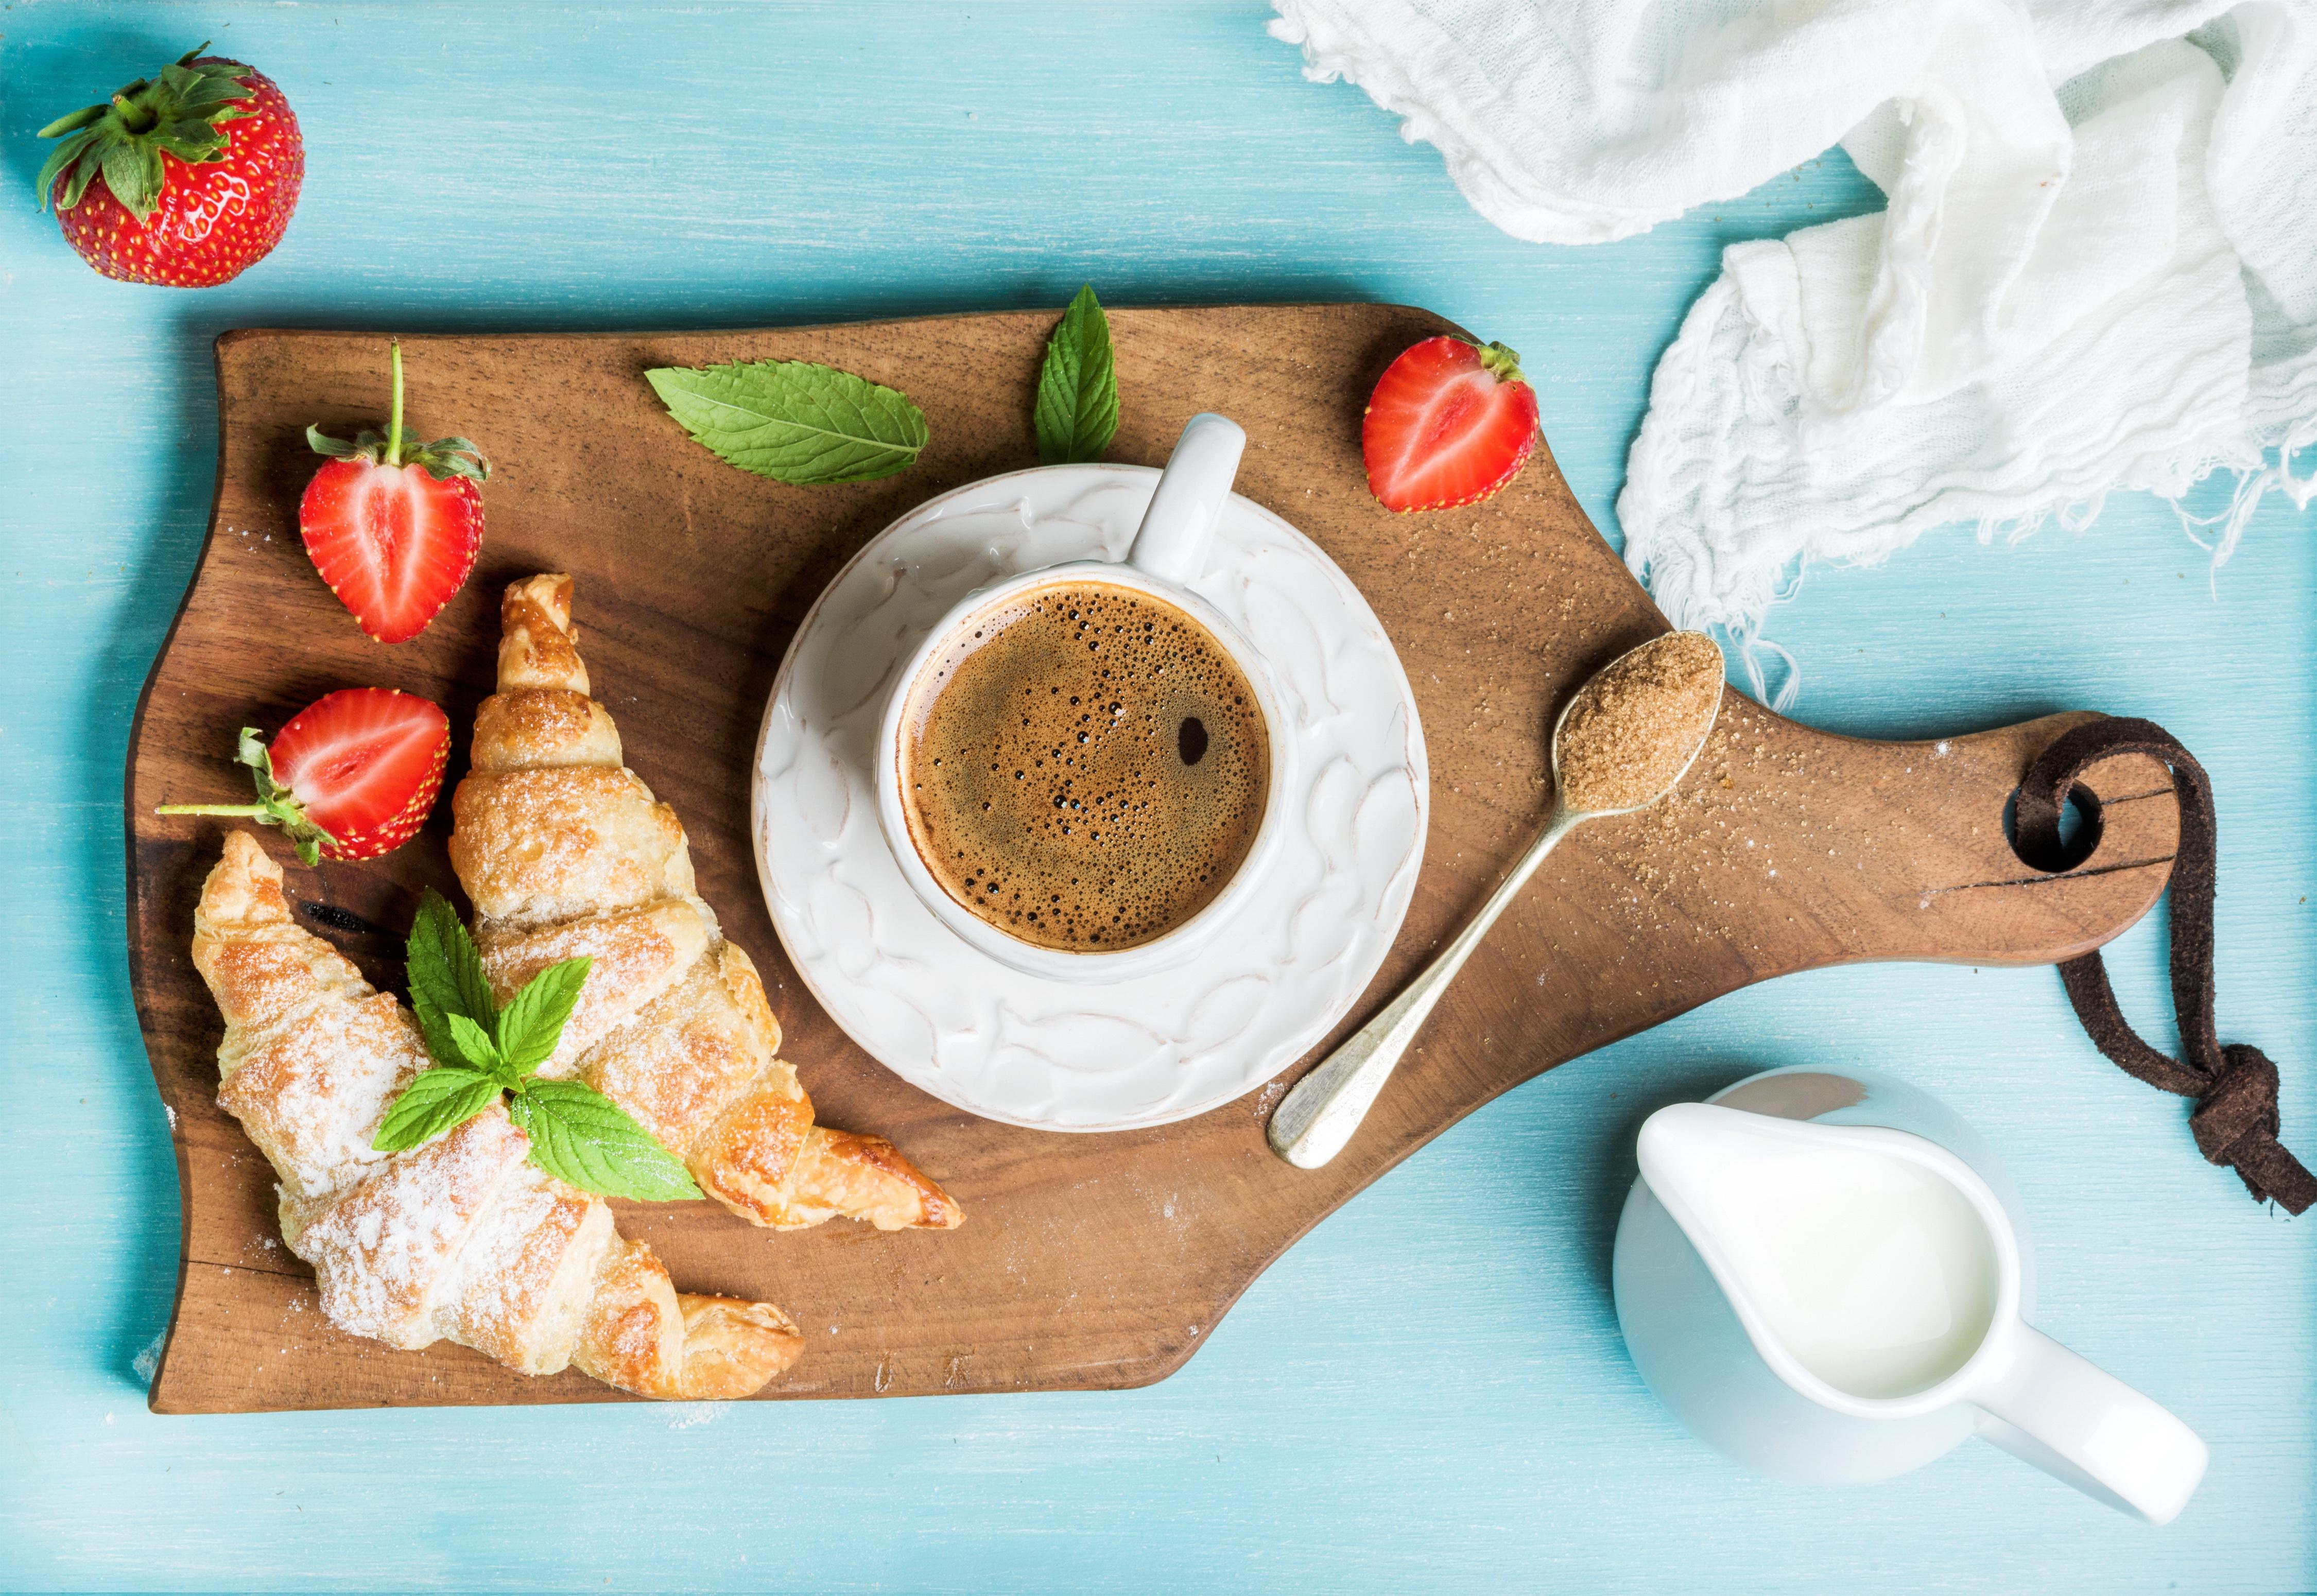 Диета Завтрак Чашка Кофе. Кофейная диета для похудения на 3, 7 и 14 дней, отзывы и результаты